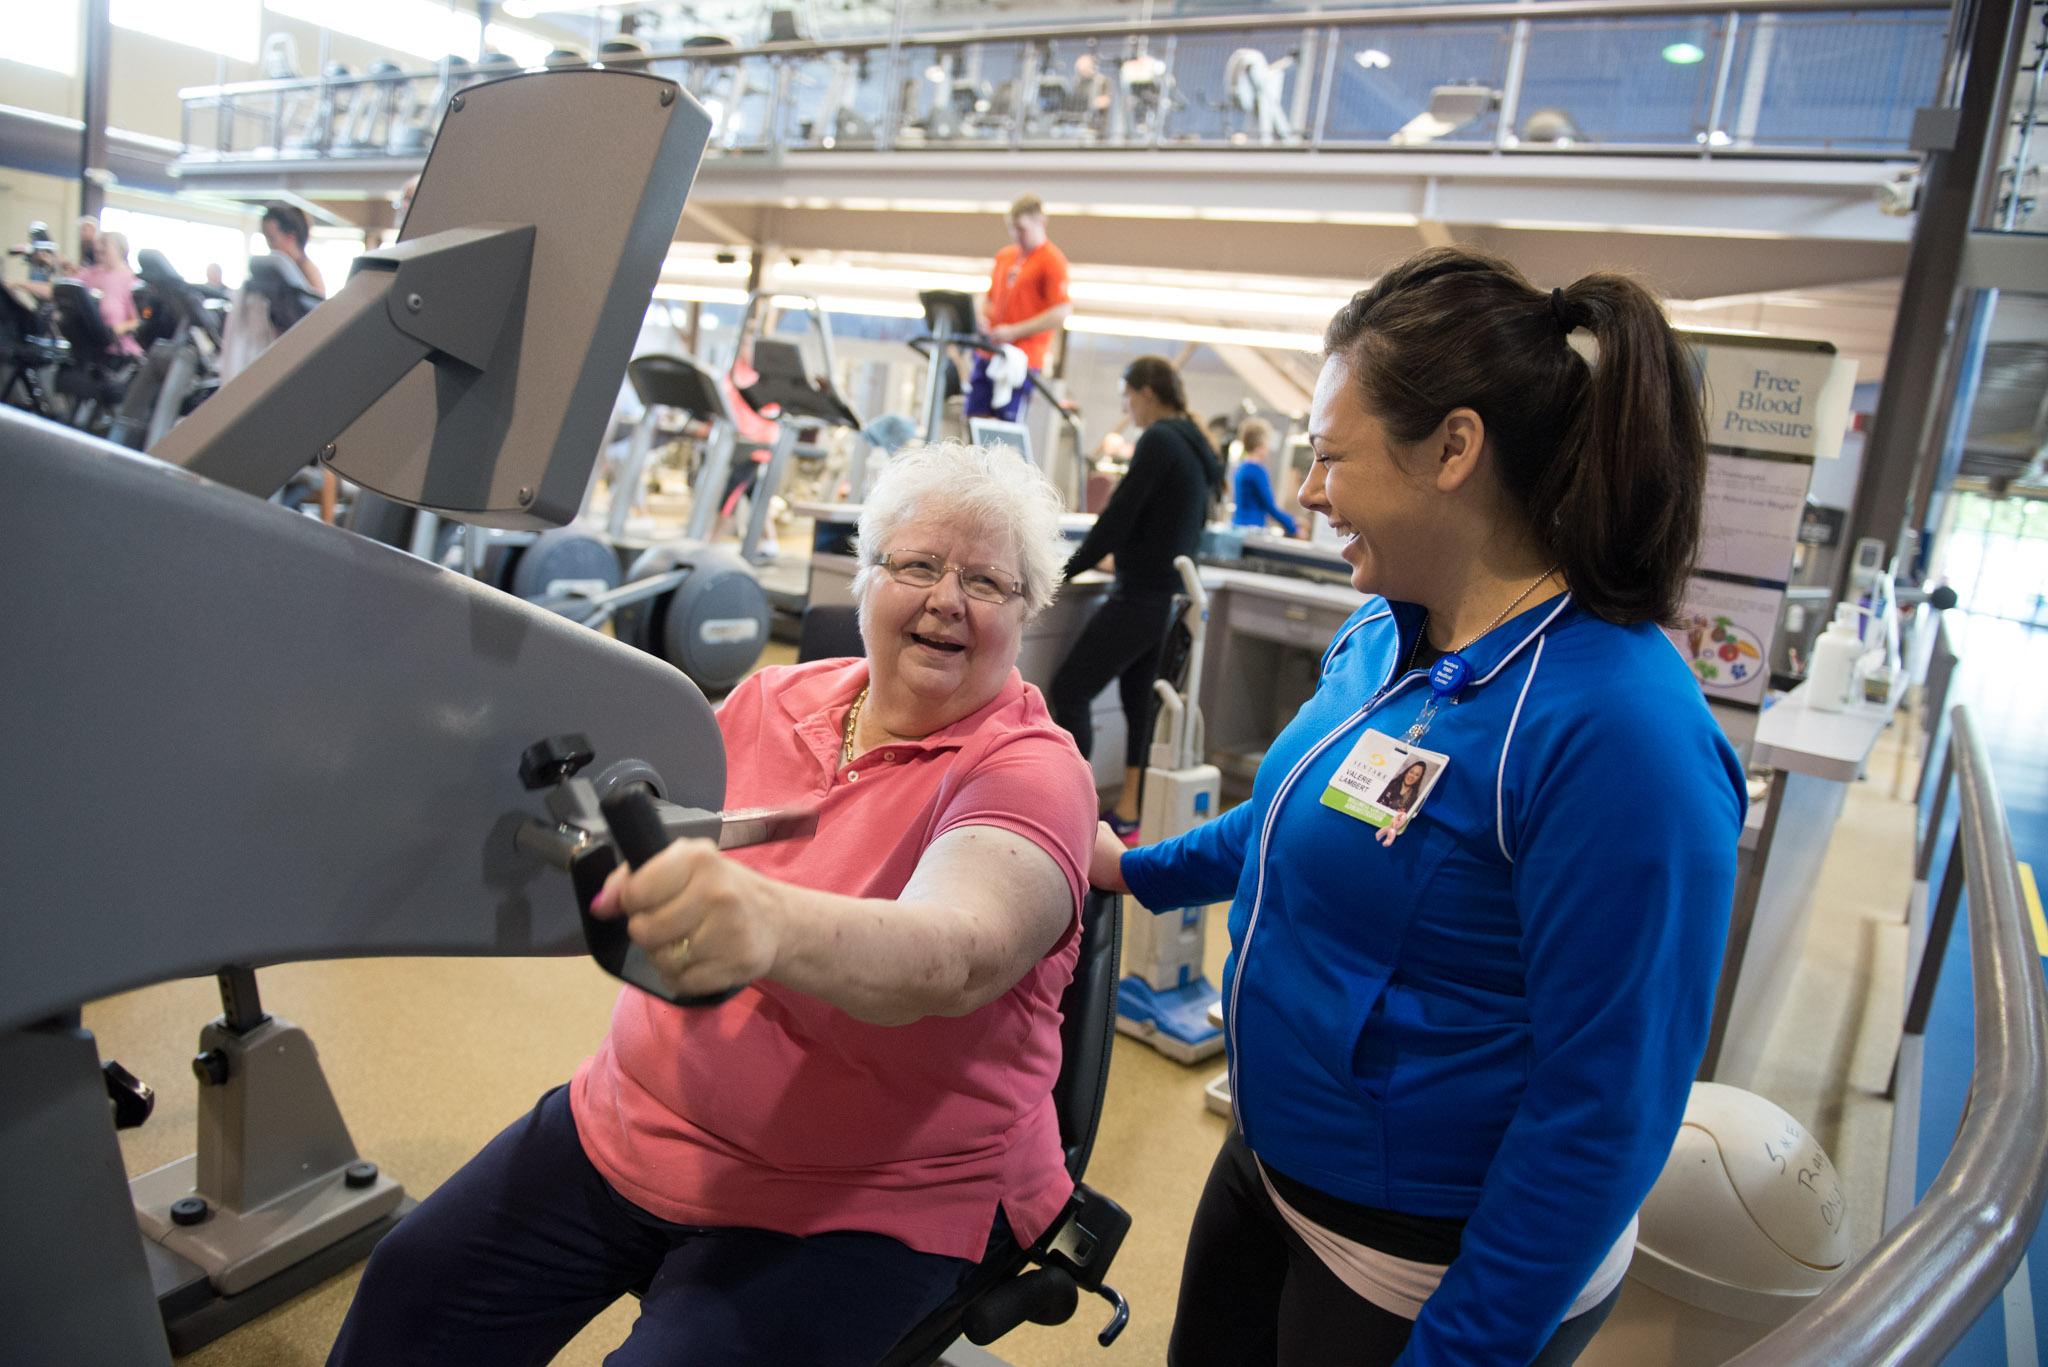 Wellness Center Stock Photos-1371.jpg